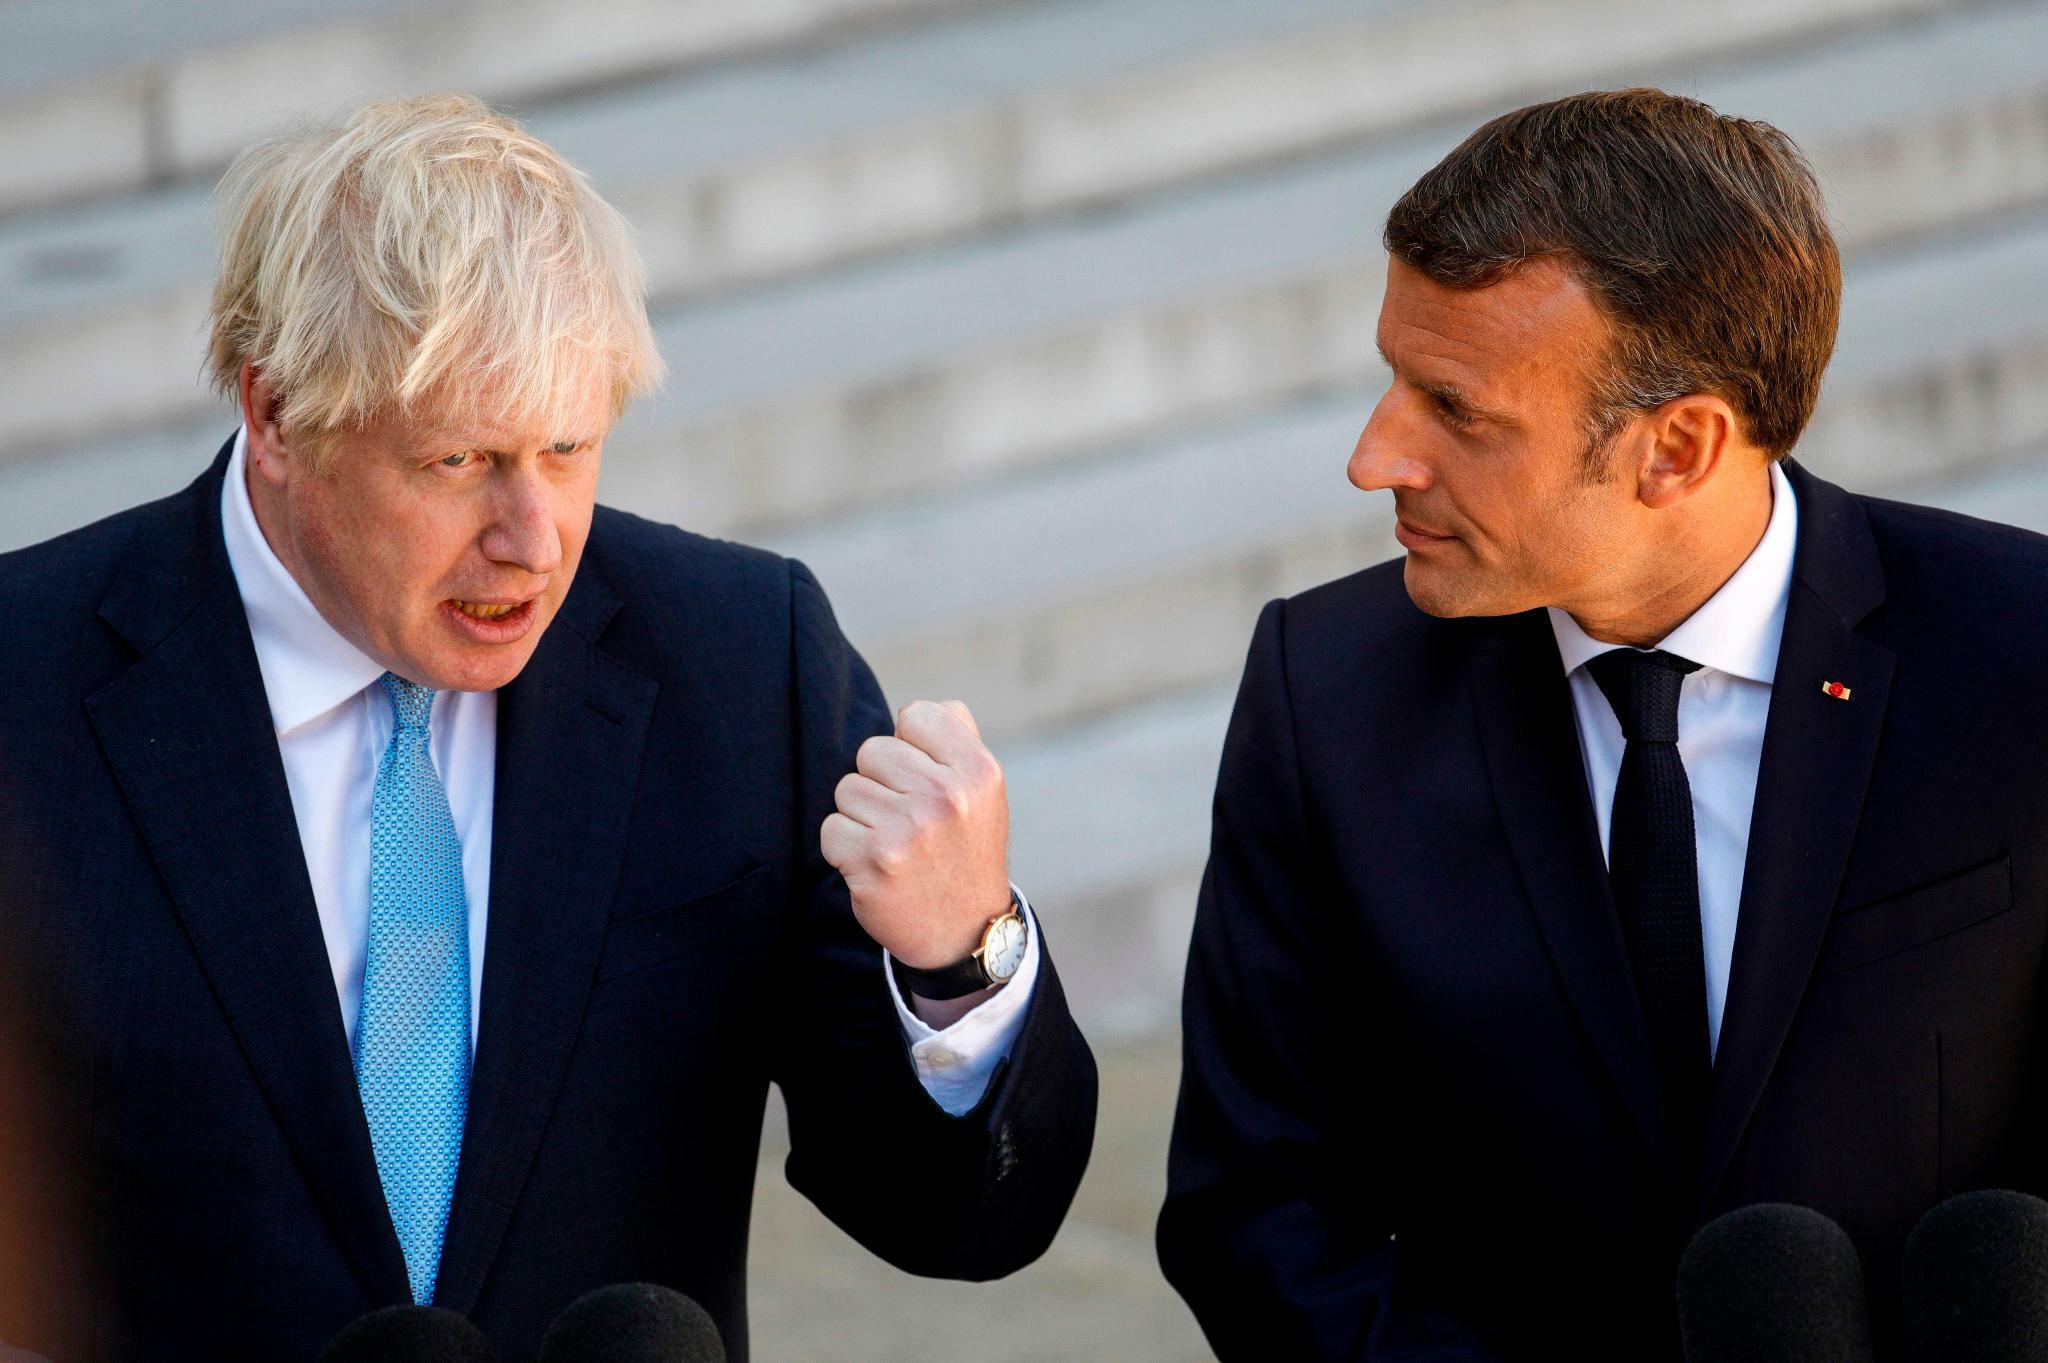 Boris Johnson betont in Paris seinen Einigungswillen beim Brexit